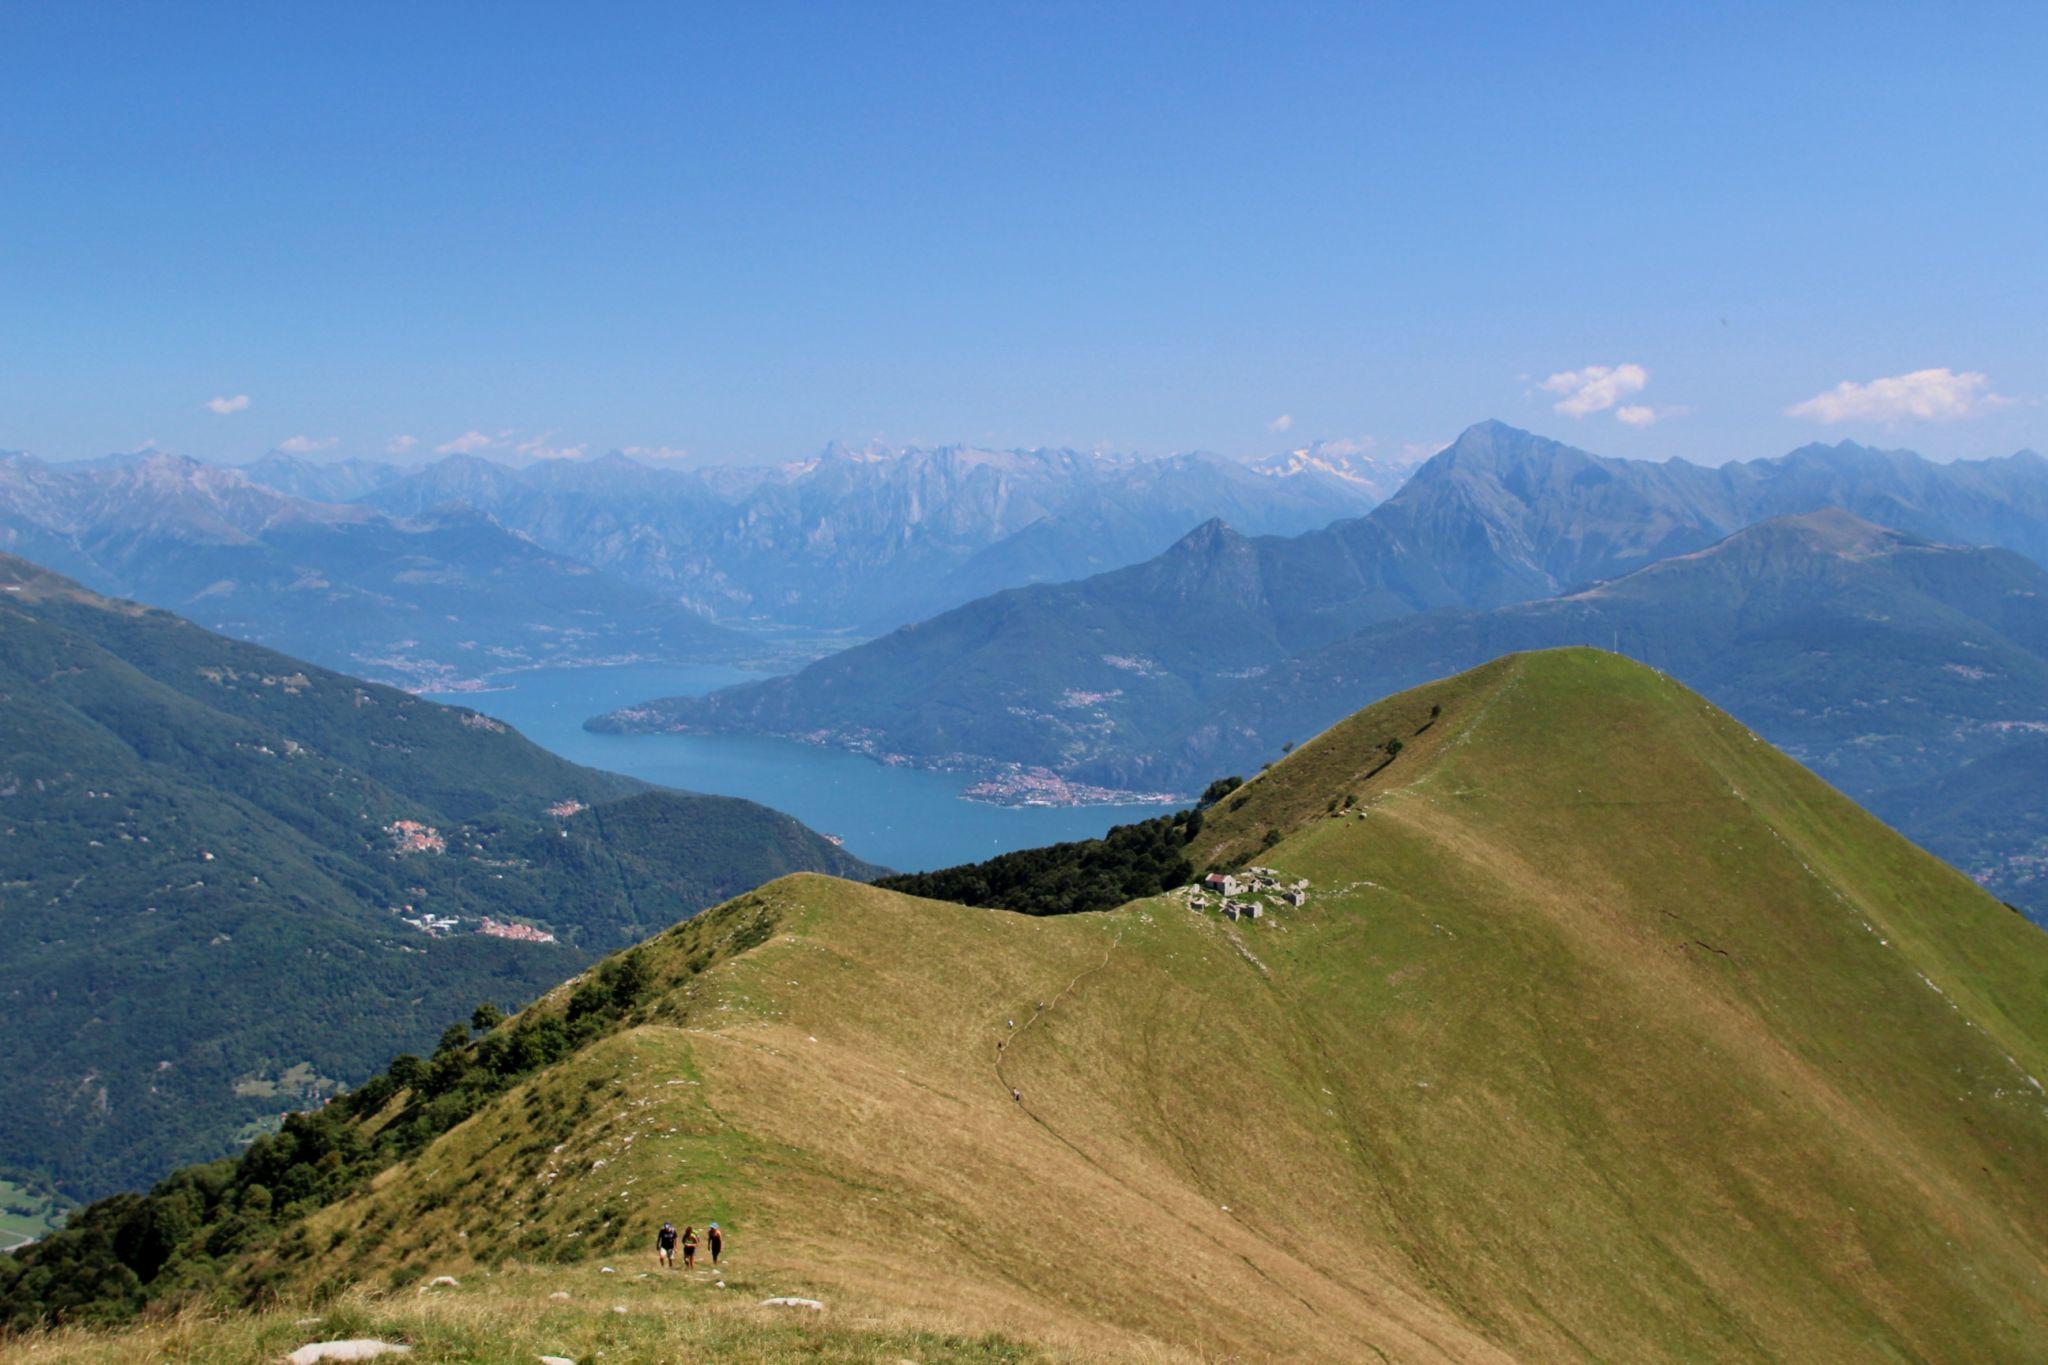 Monte di Tremezzo, Italy